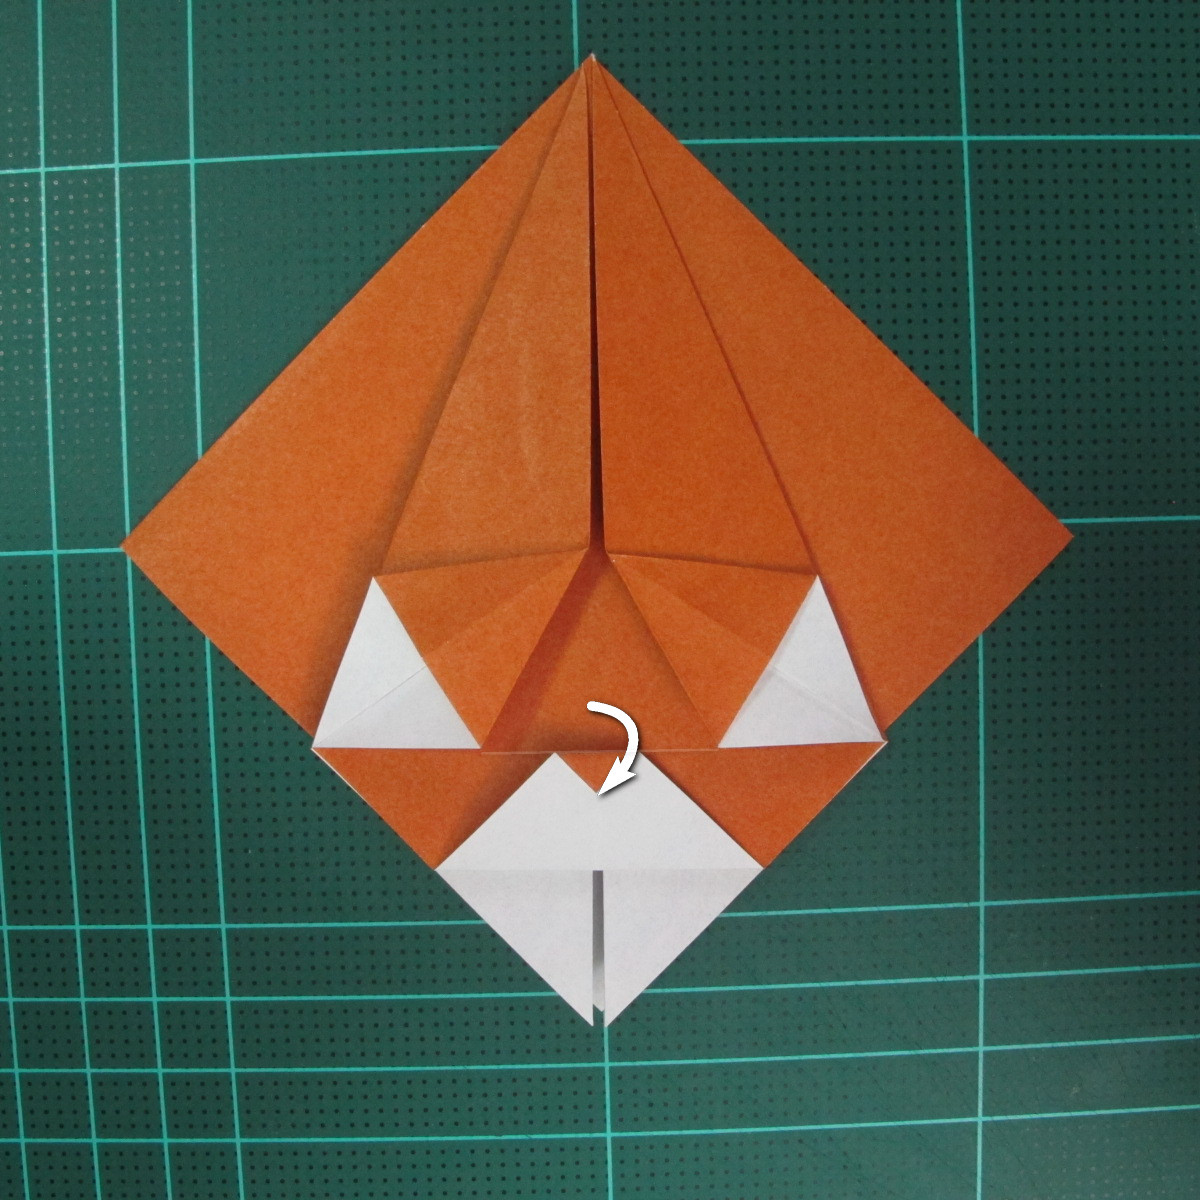 การพับกระดาษเป็นที่คั่นหนังสือหมีแว่น (Spectacled Bear Origami)  โดย Diego Quevedo 012